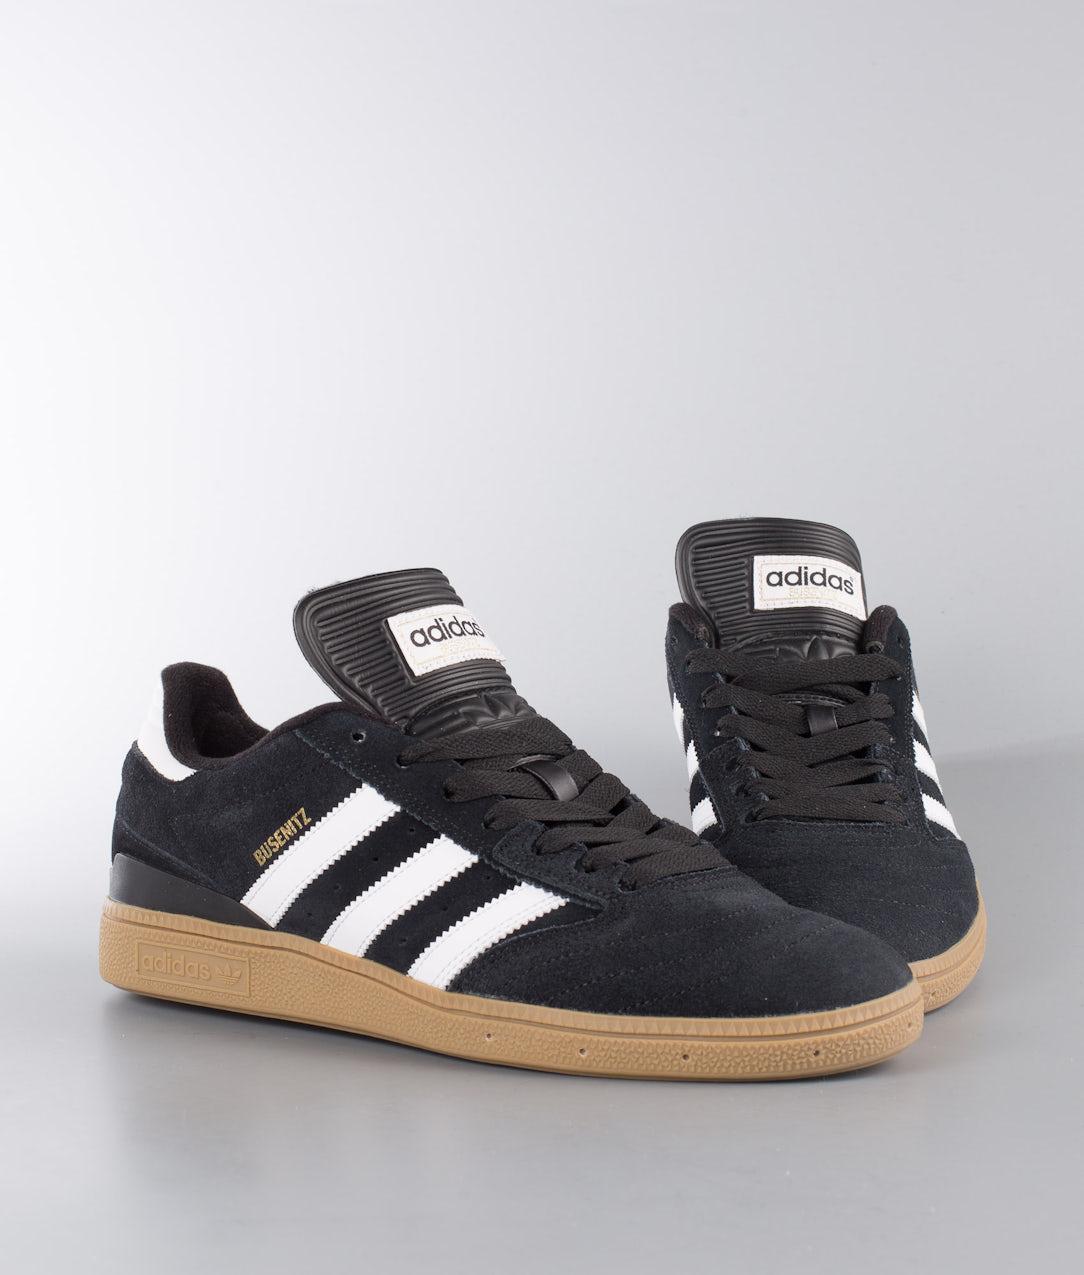 Adidas Skateboarding Busenitz Shoes Black1/Running White/Metallic Gold